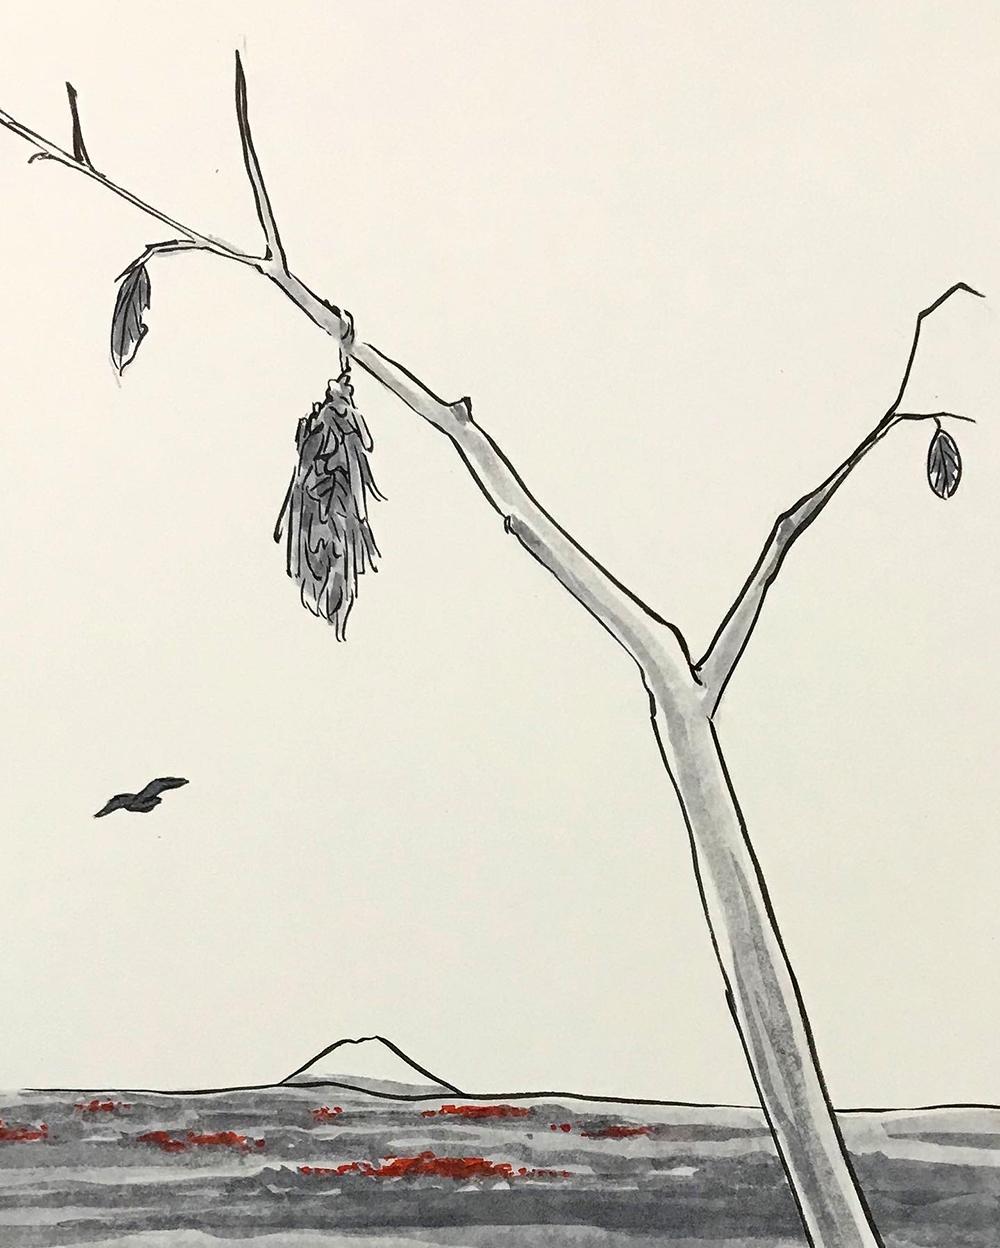 蓑虫。みのむし MINOMUSHI